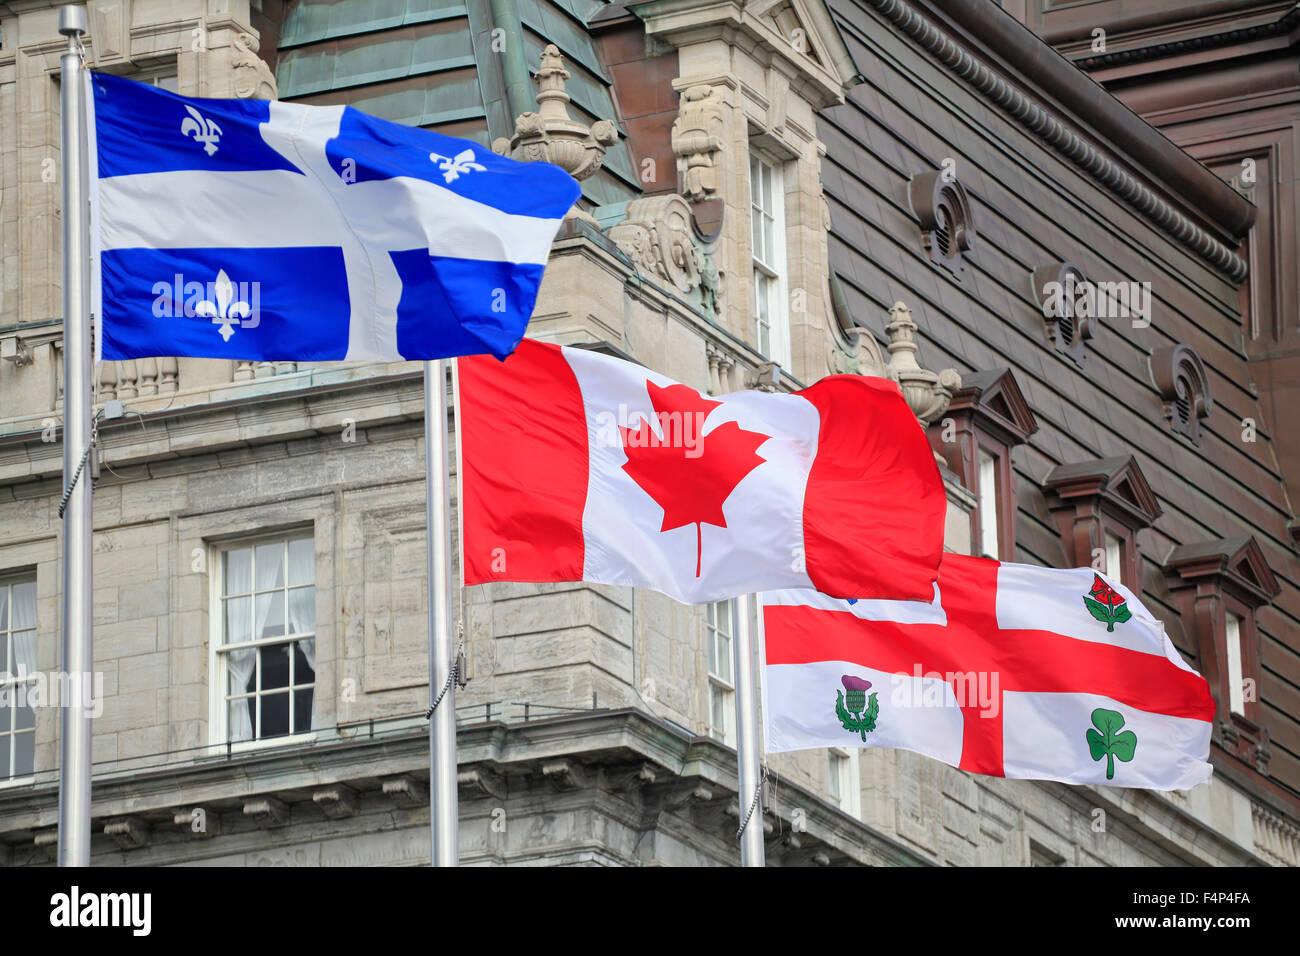 Quebec, Canadese di Montreal e le bandiere sventolano con il colore di primo piano del Municipio di Montreal, Quebec, Immagini Stock